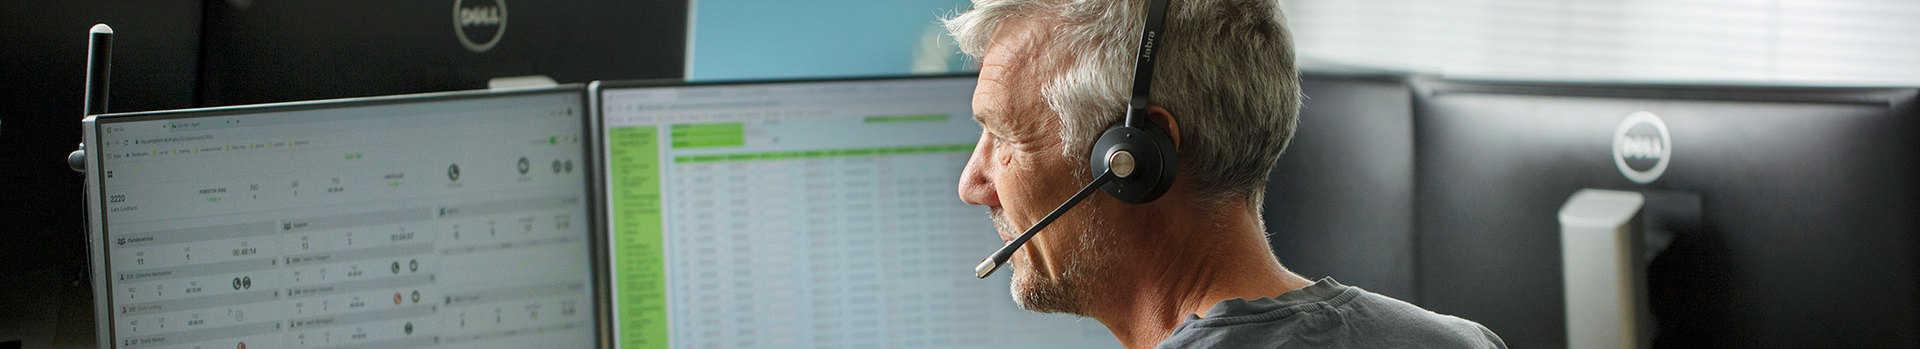 Uni-tel tilbyder markedets billigste IP-telefoni